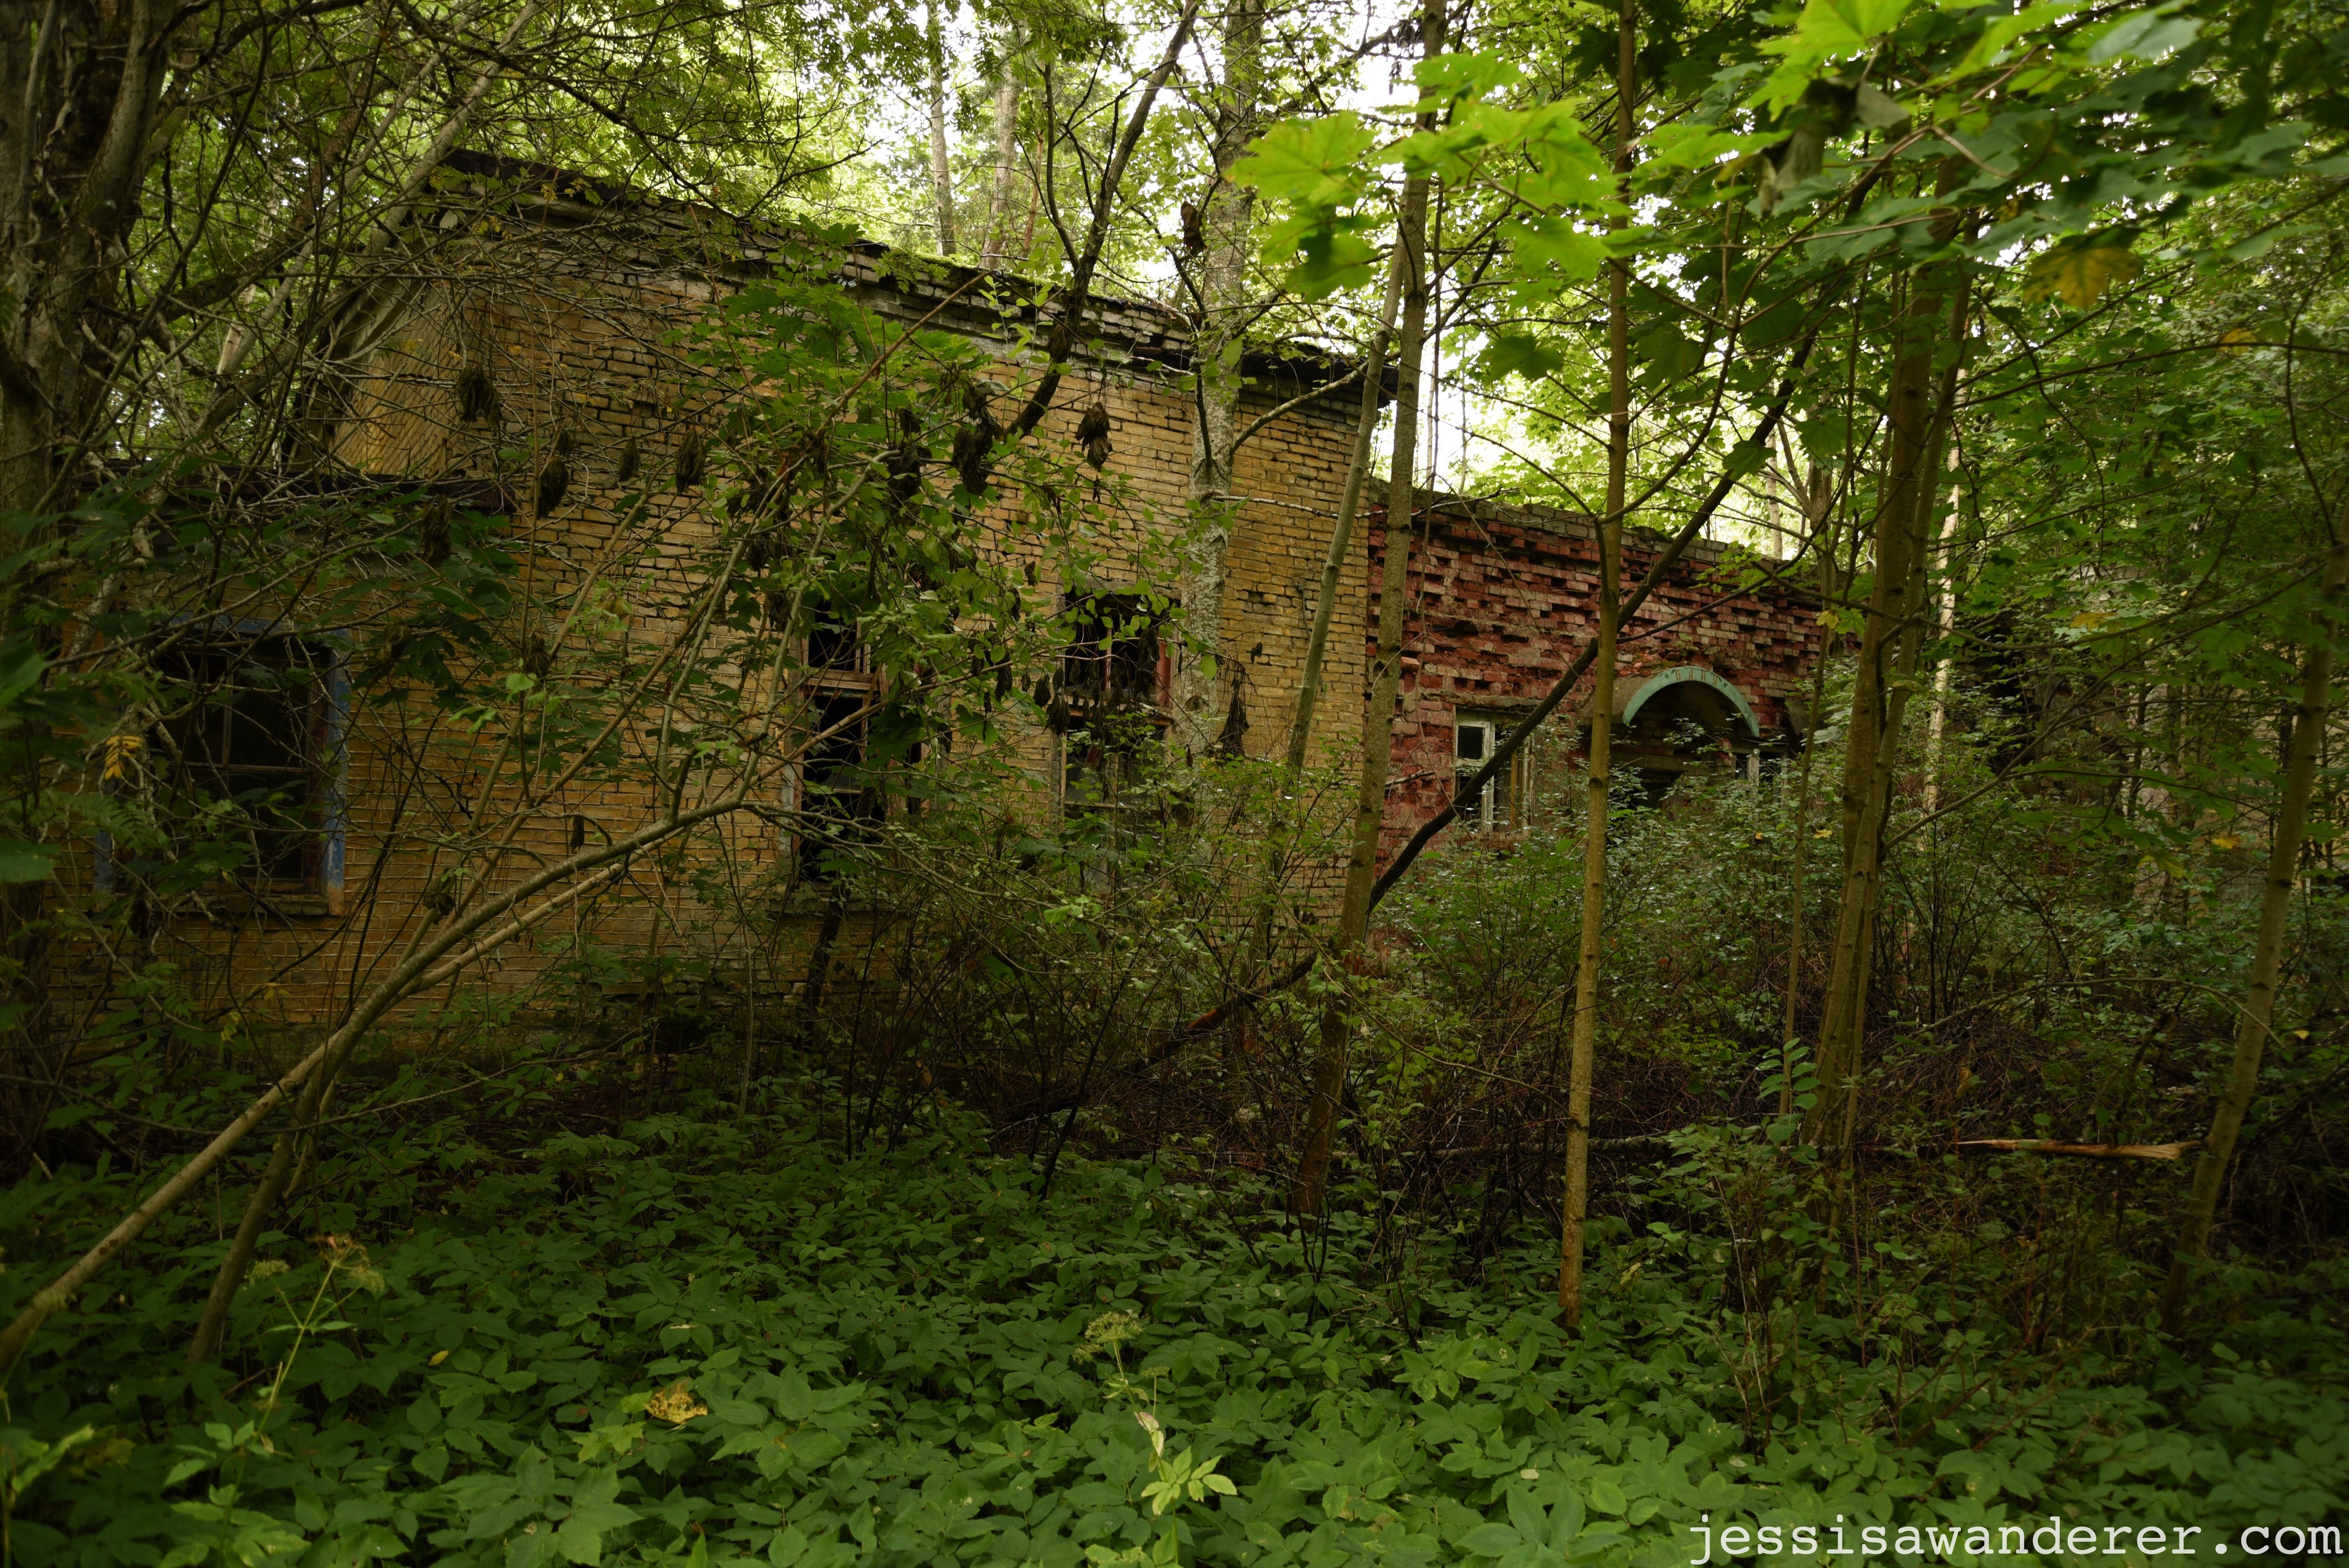 Former Soviet Village